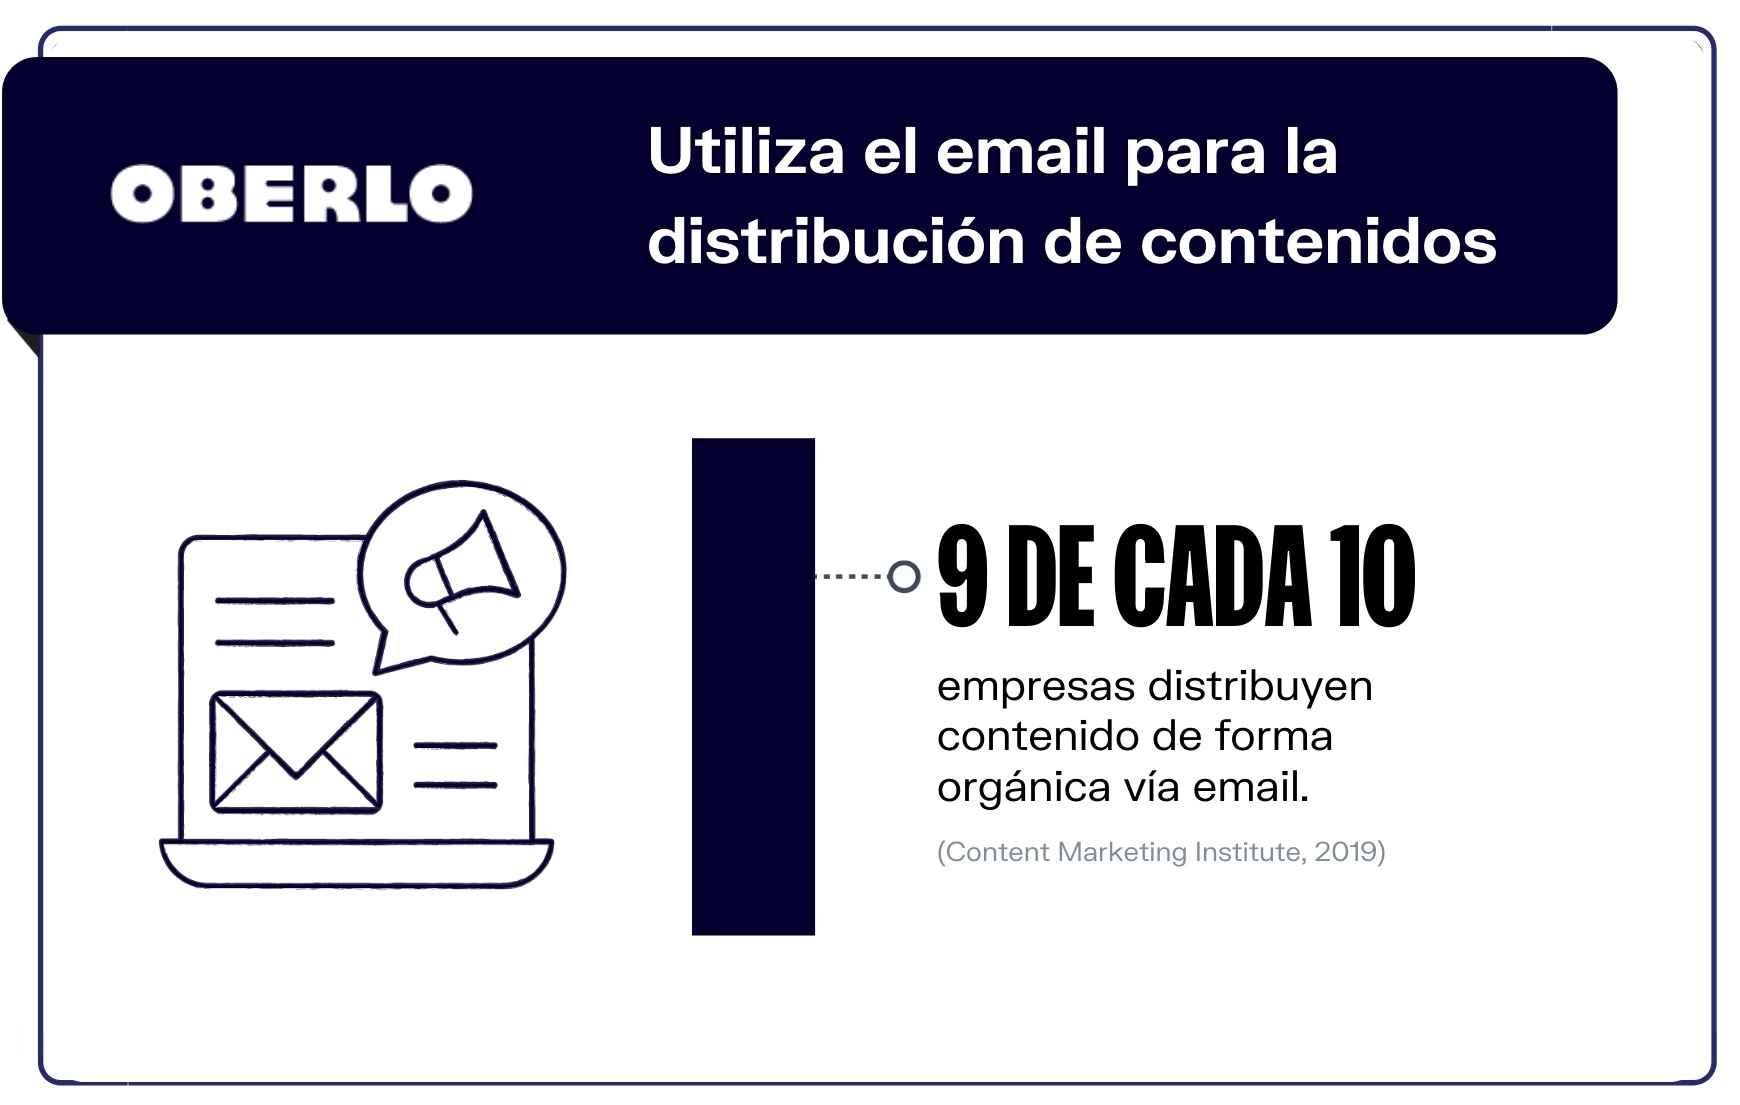 Datos de marketing por email